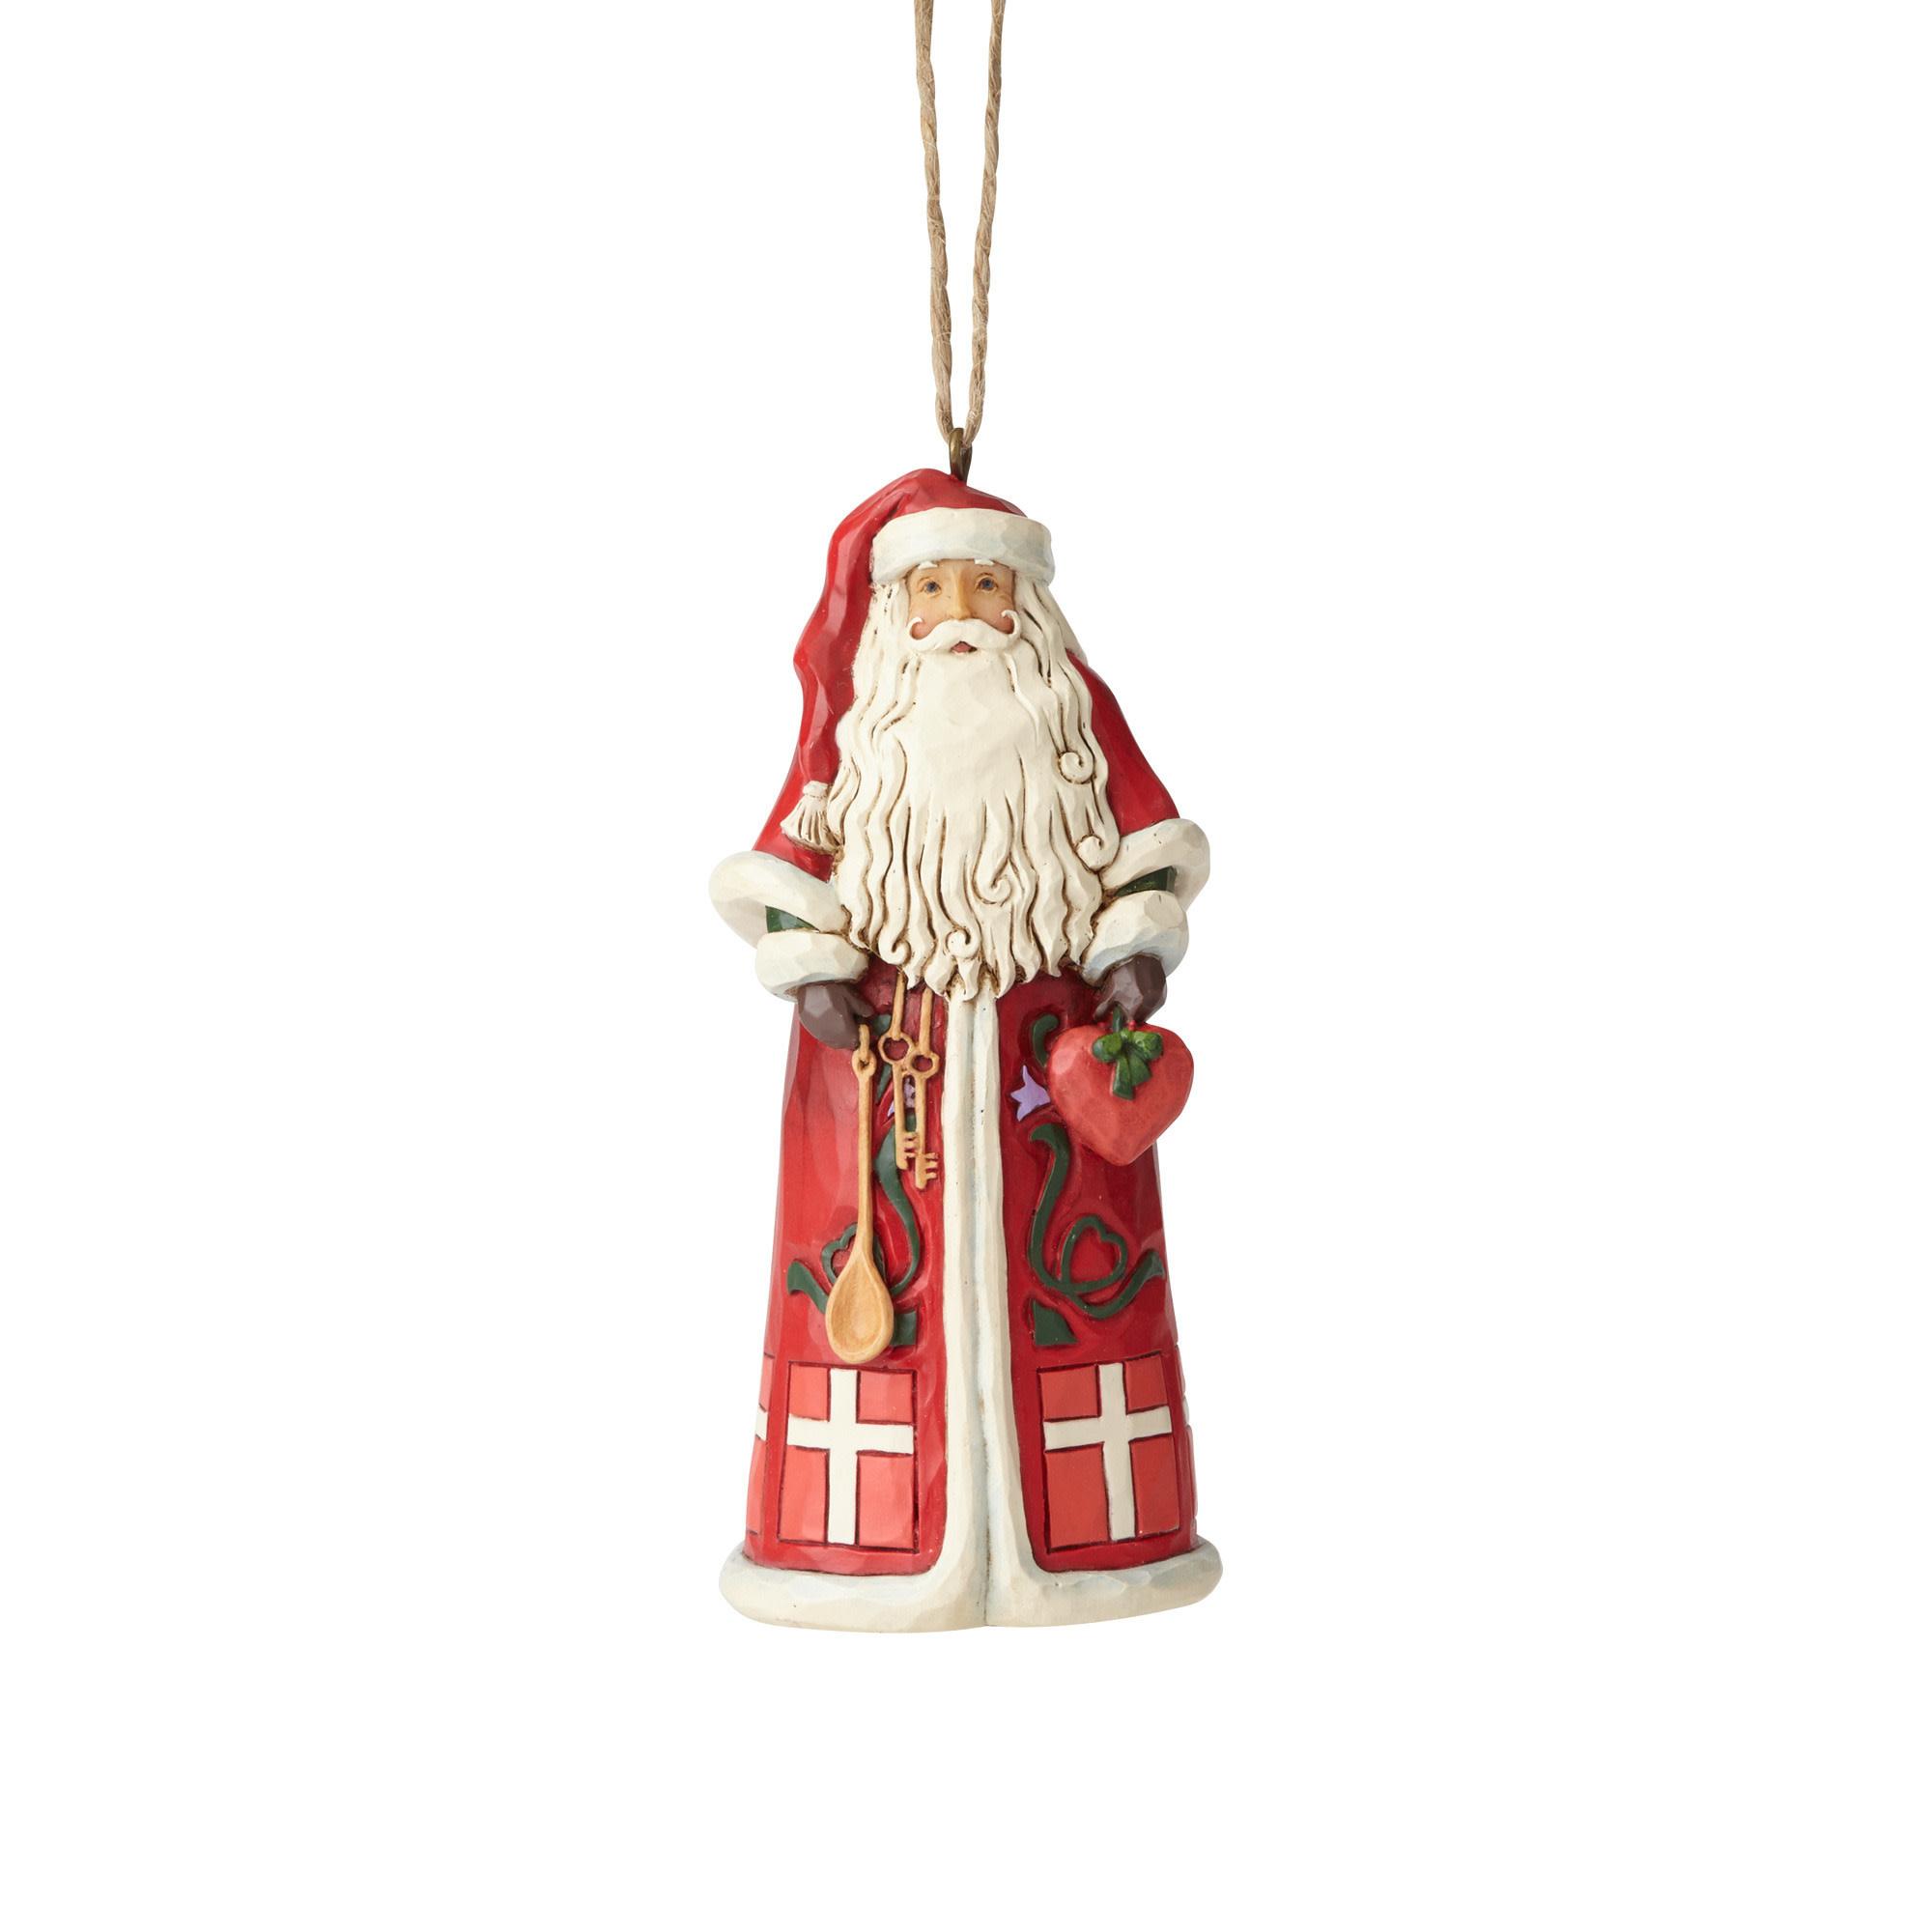 Jim Shore Danish Santa Ornament